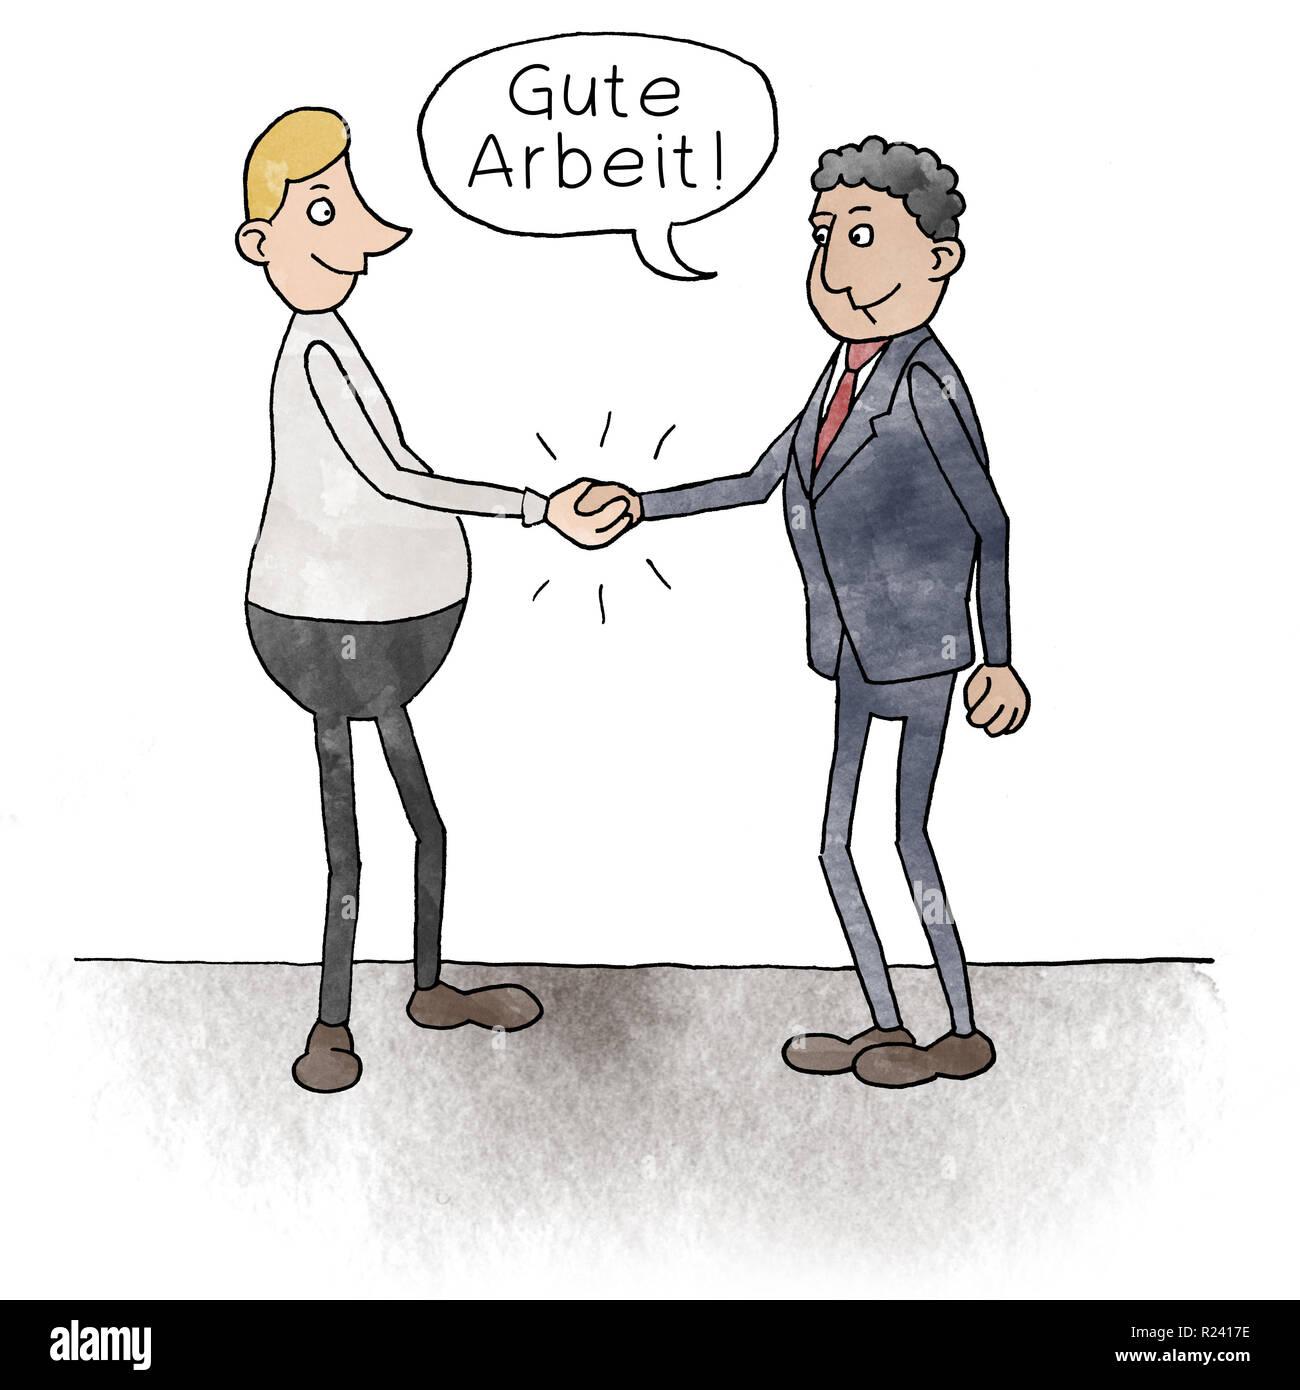 Cartoon zwei Geschäftsmänner geben sich die Hand mit Sprechblase: Gute Arbeit - Stock Image